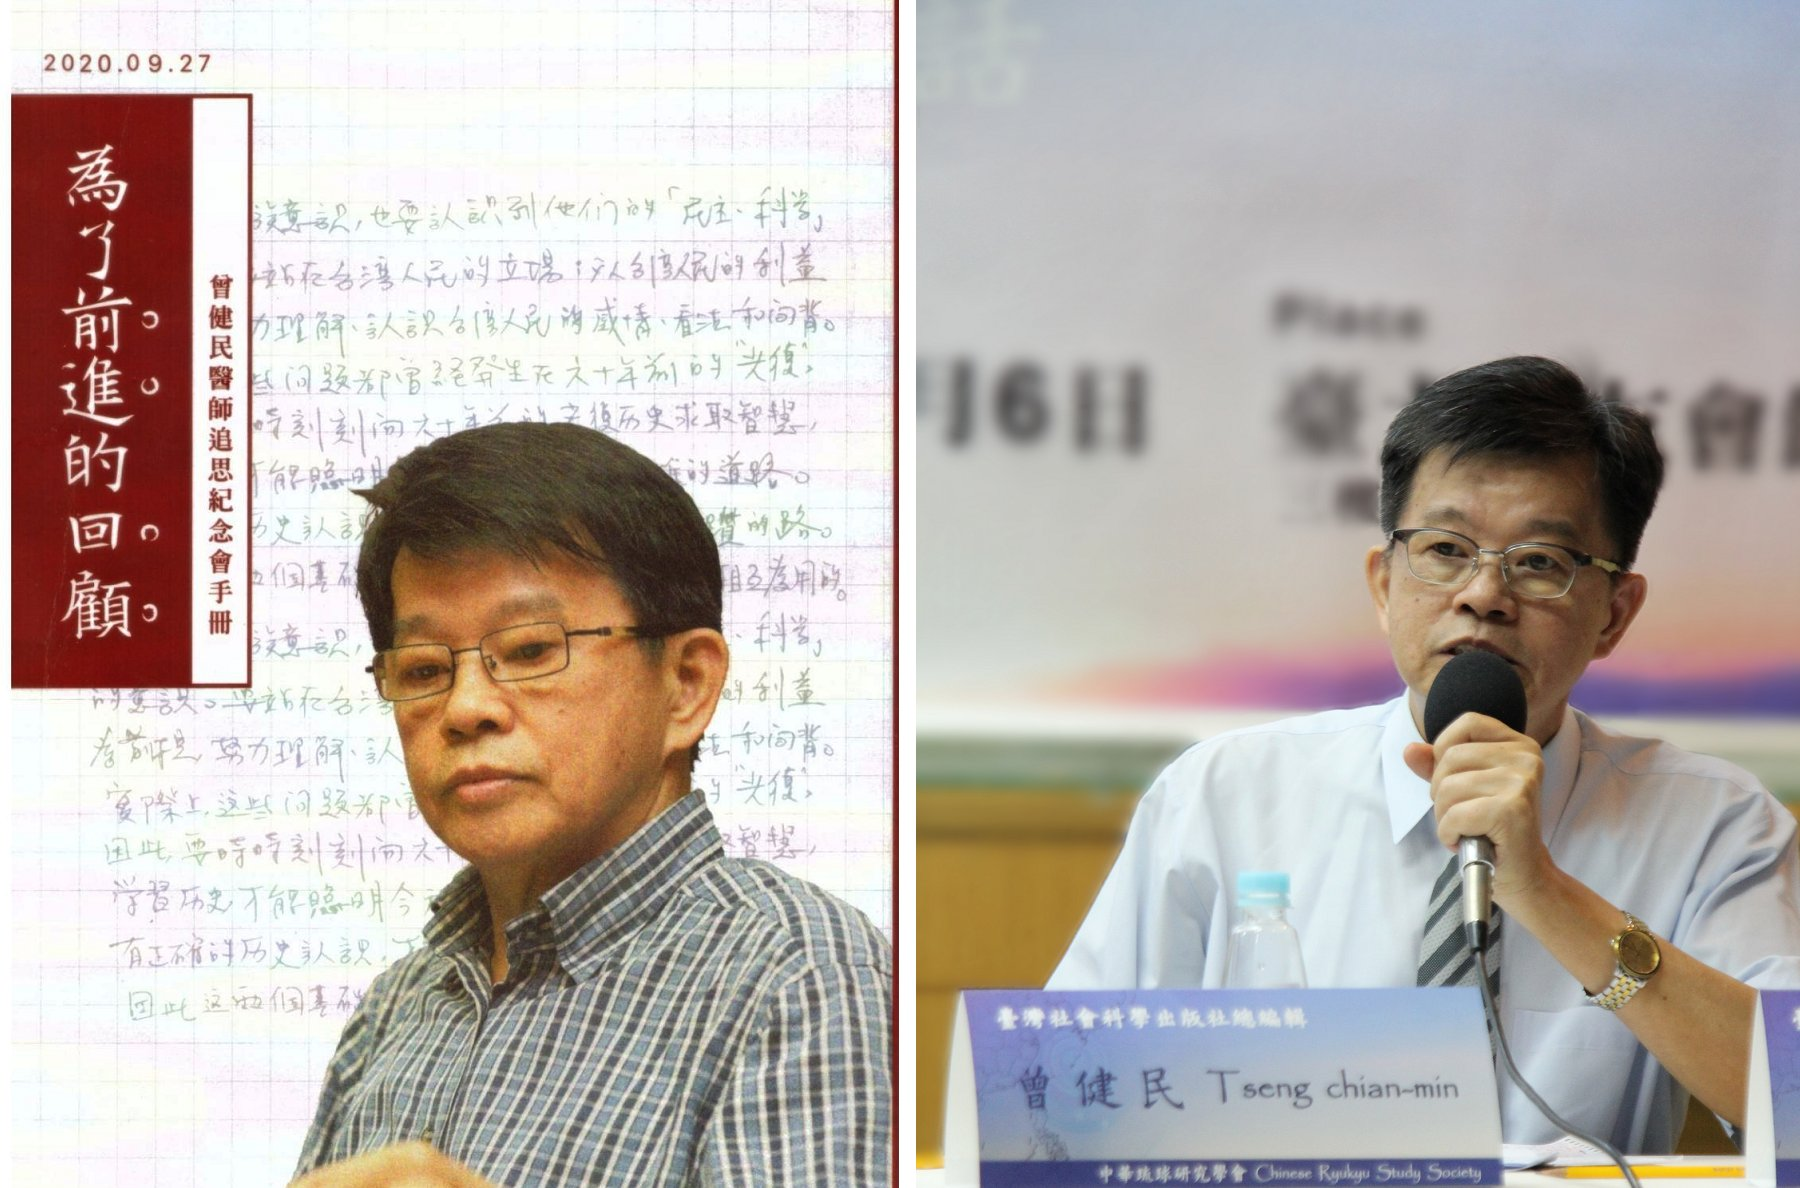 圖左為追思會手冊《為了前進的回顧》;圖右為曾醫師於2015年8月6日參加「琉球:東亞和平的鎖鑰─琉球學者與臺灣學者的對話」國際學術研討會的留影。